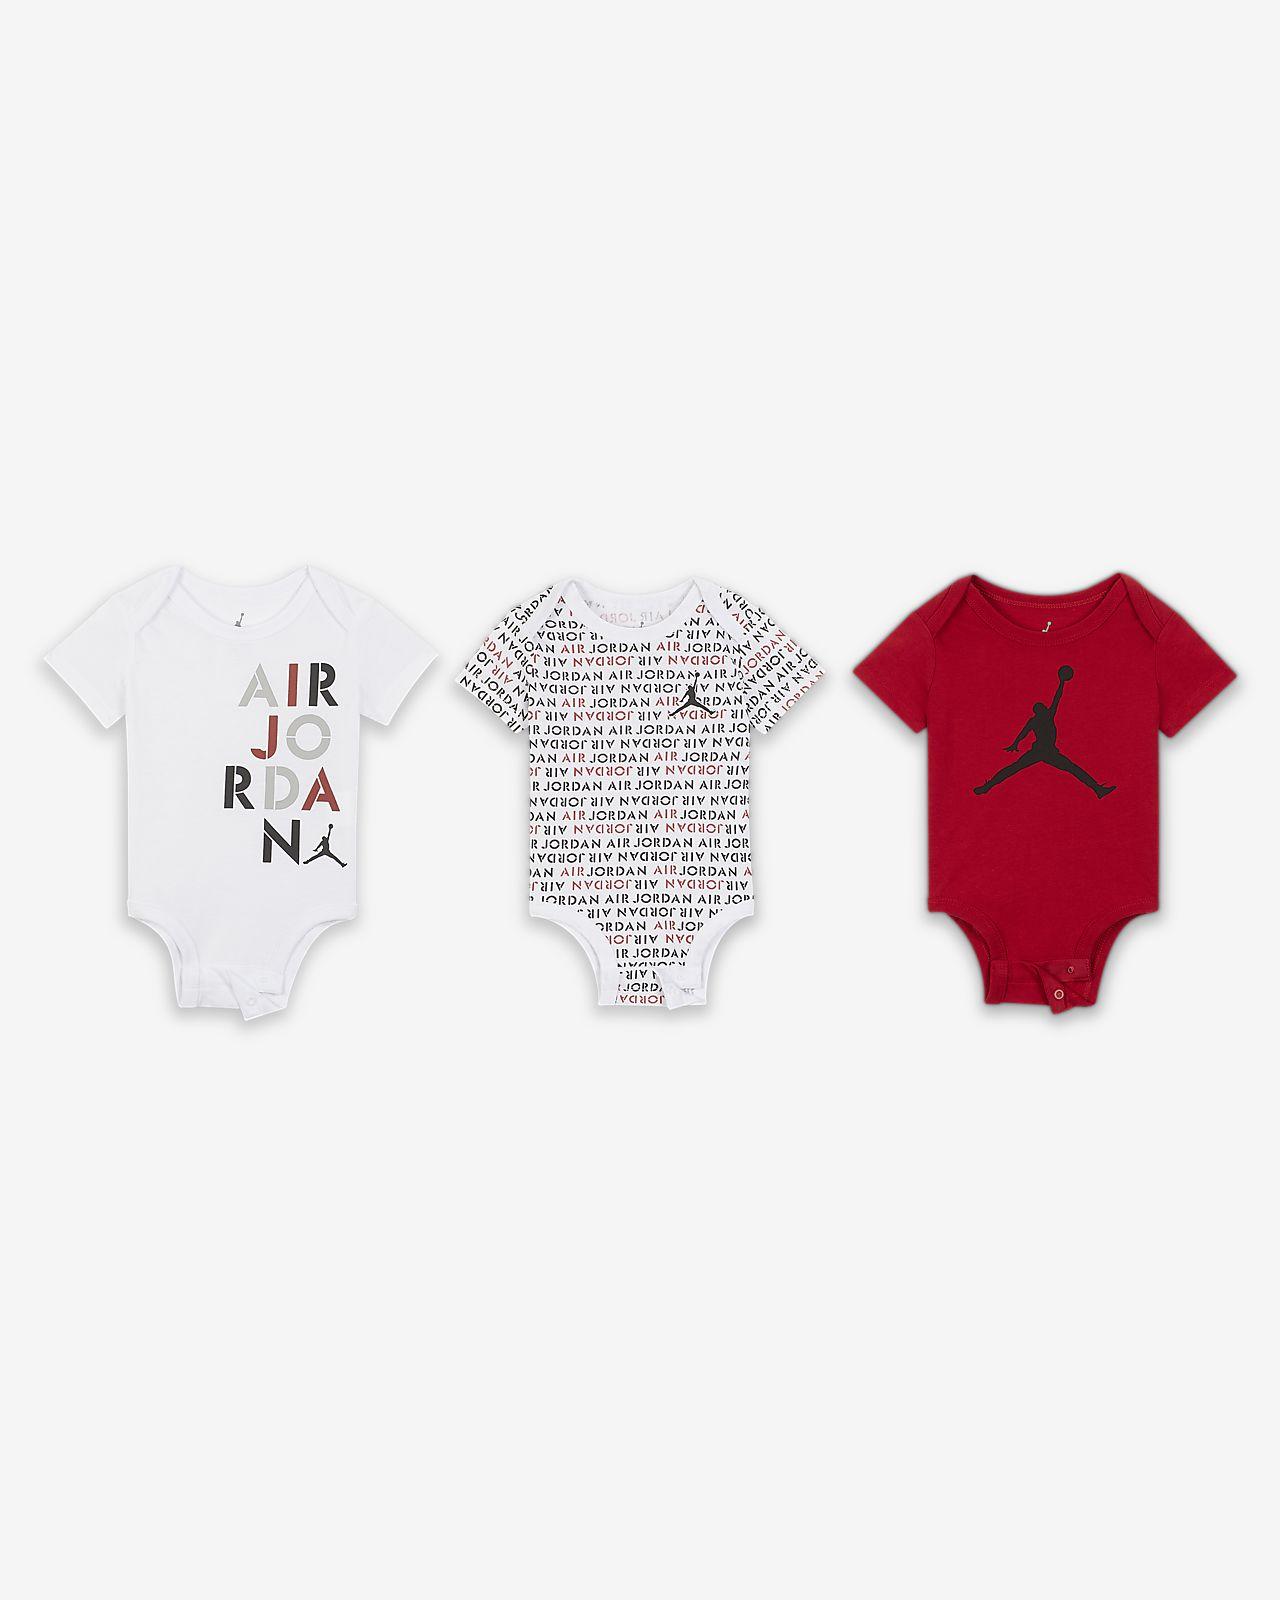 Air Jordan Rompertjesset voor baby's (0-9 maanden, 3 stuks)